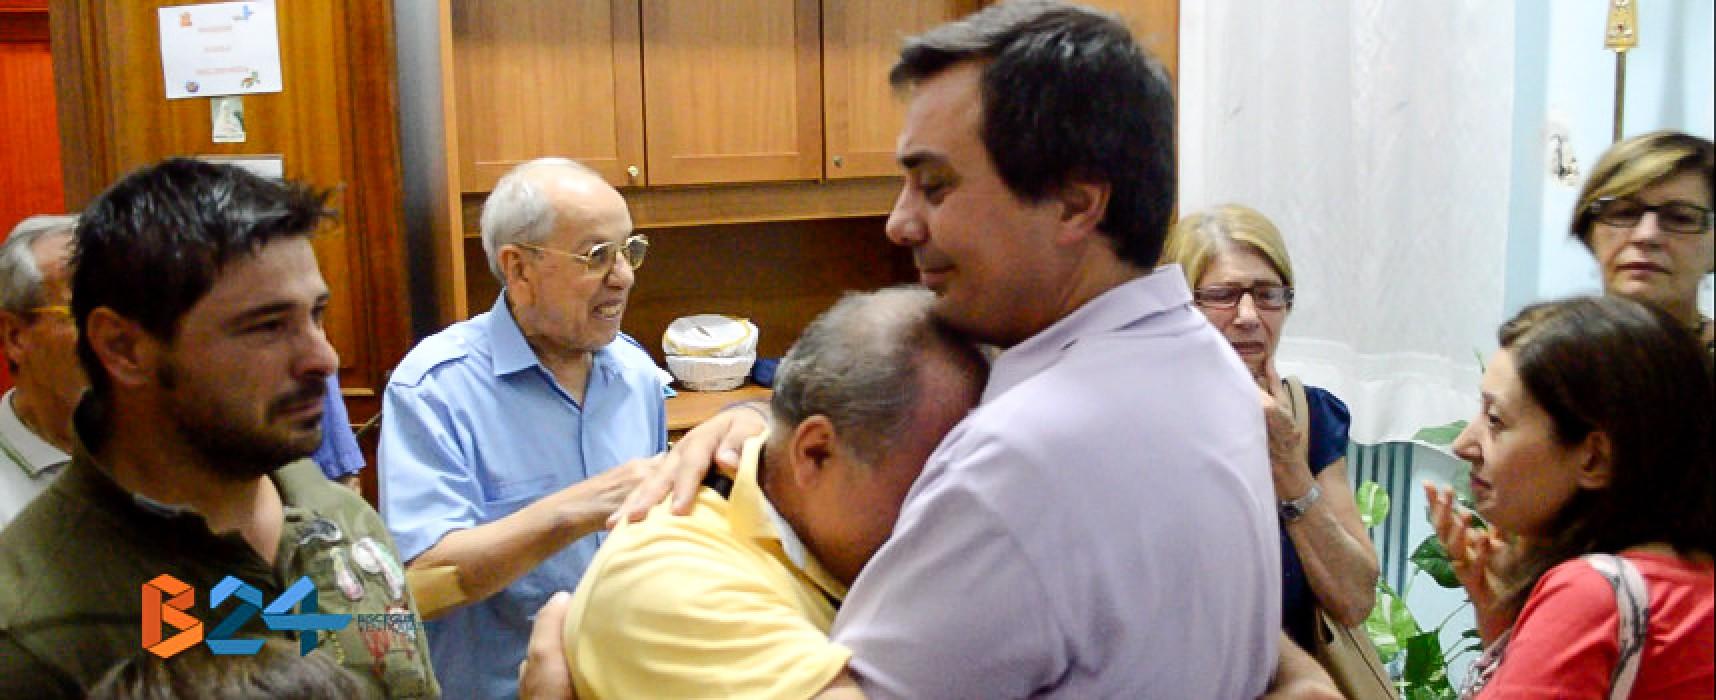 Tristezza e delusione: le reazioni dei fedeli alla separazione forzata da padre Onofrio / VIDEO